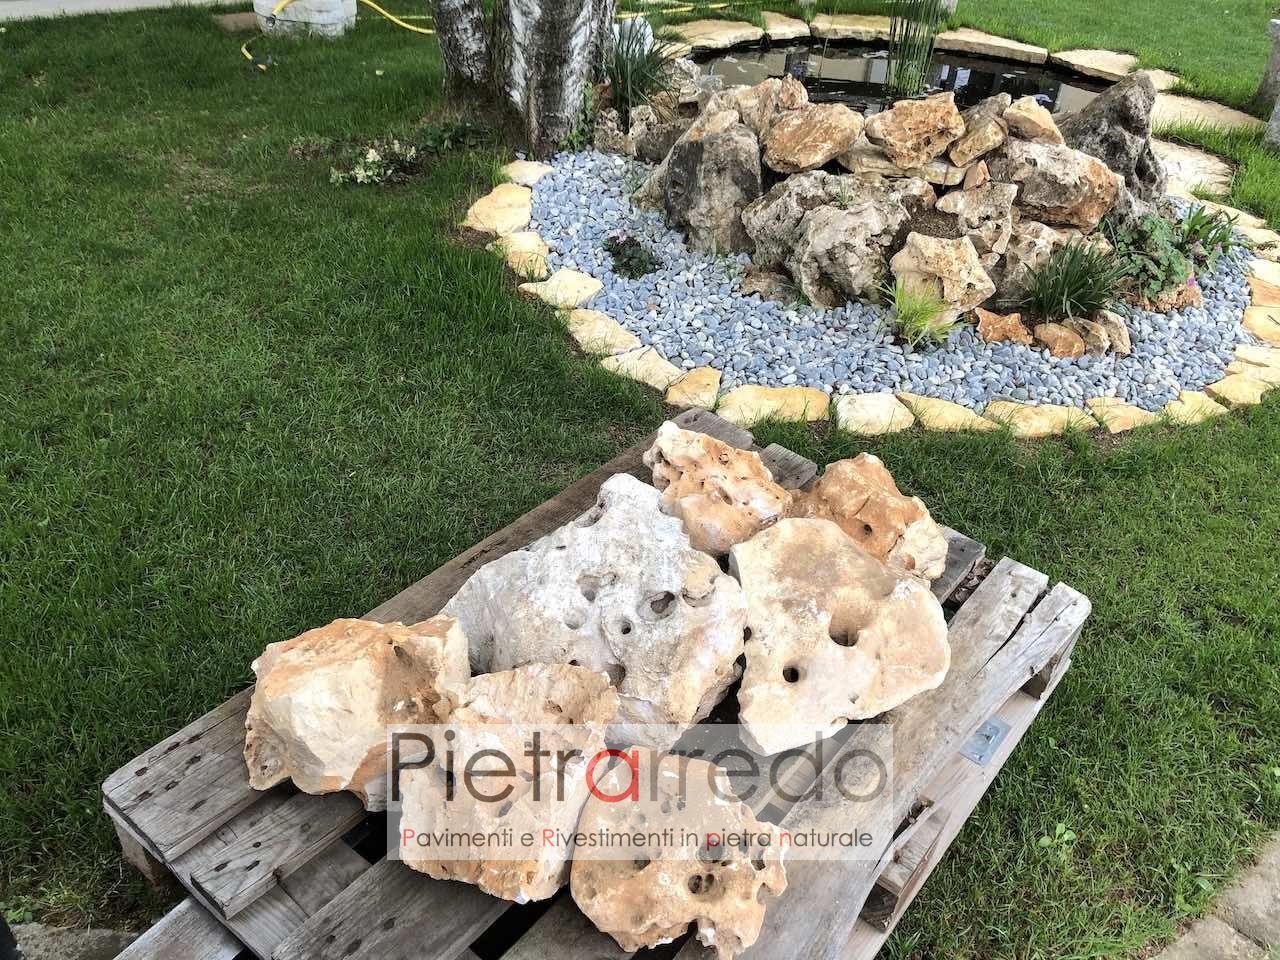 Fiori Da Giardino Roccioso pietre ornamentali da giardino, roccioso beige-pezzatura grande